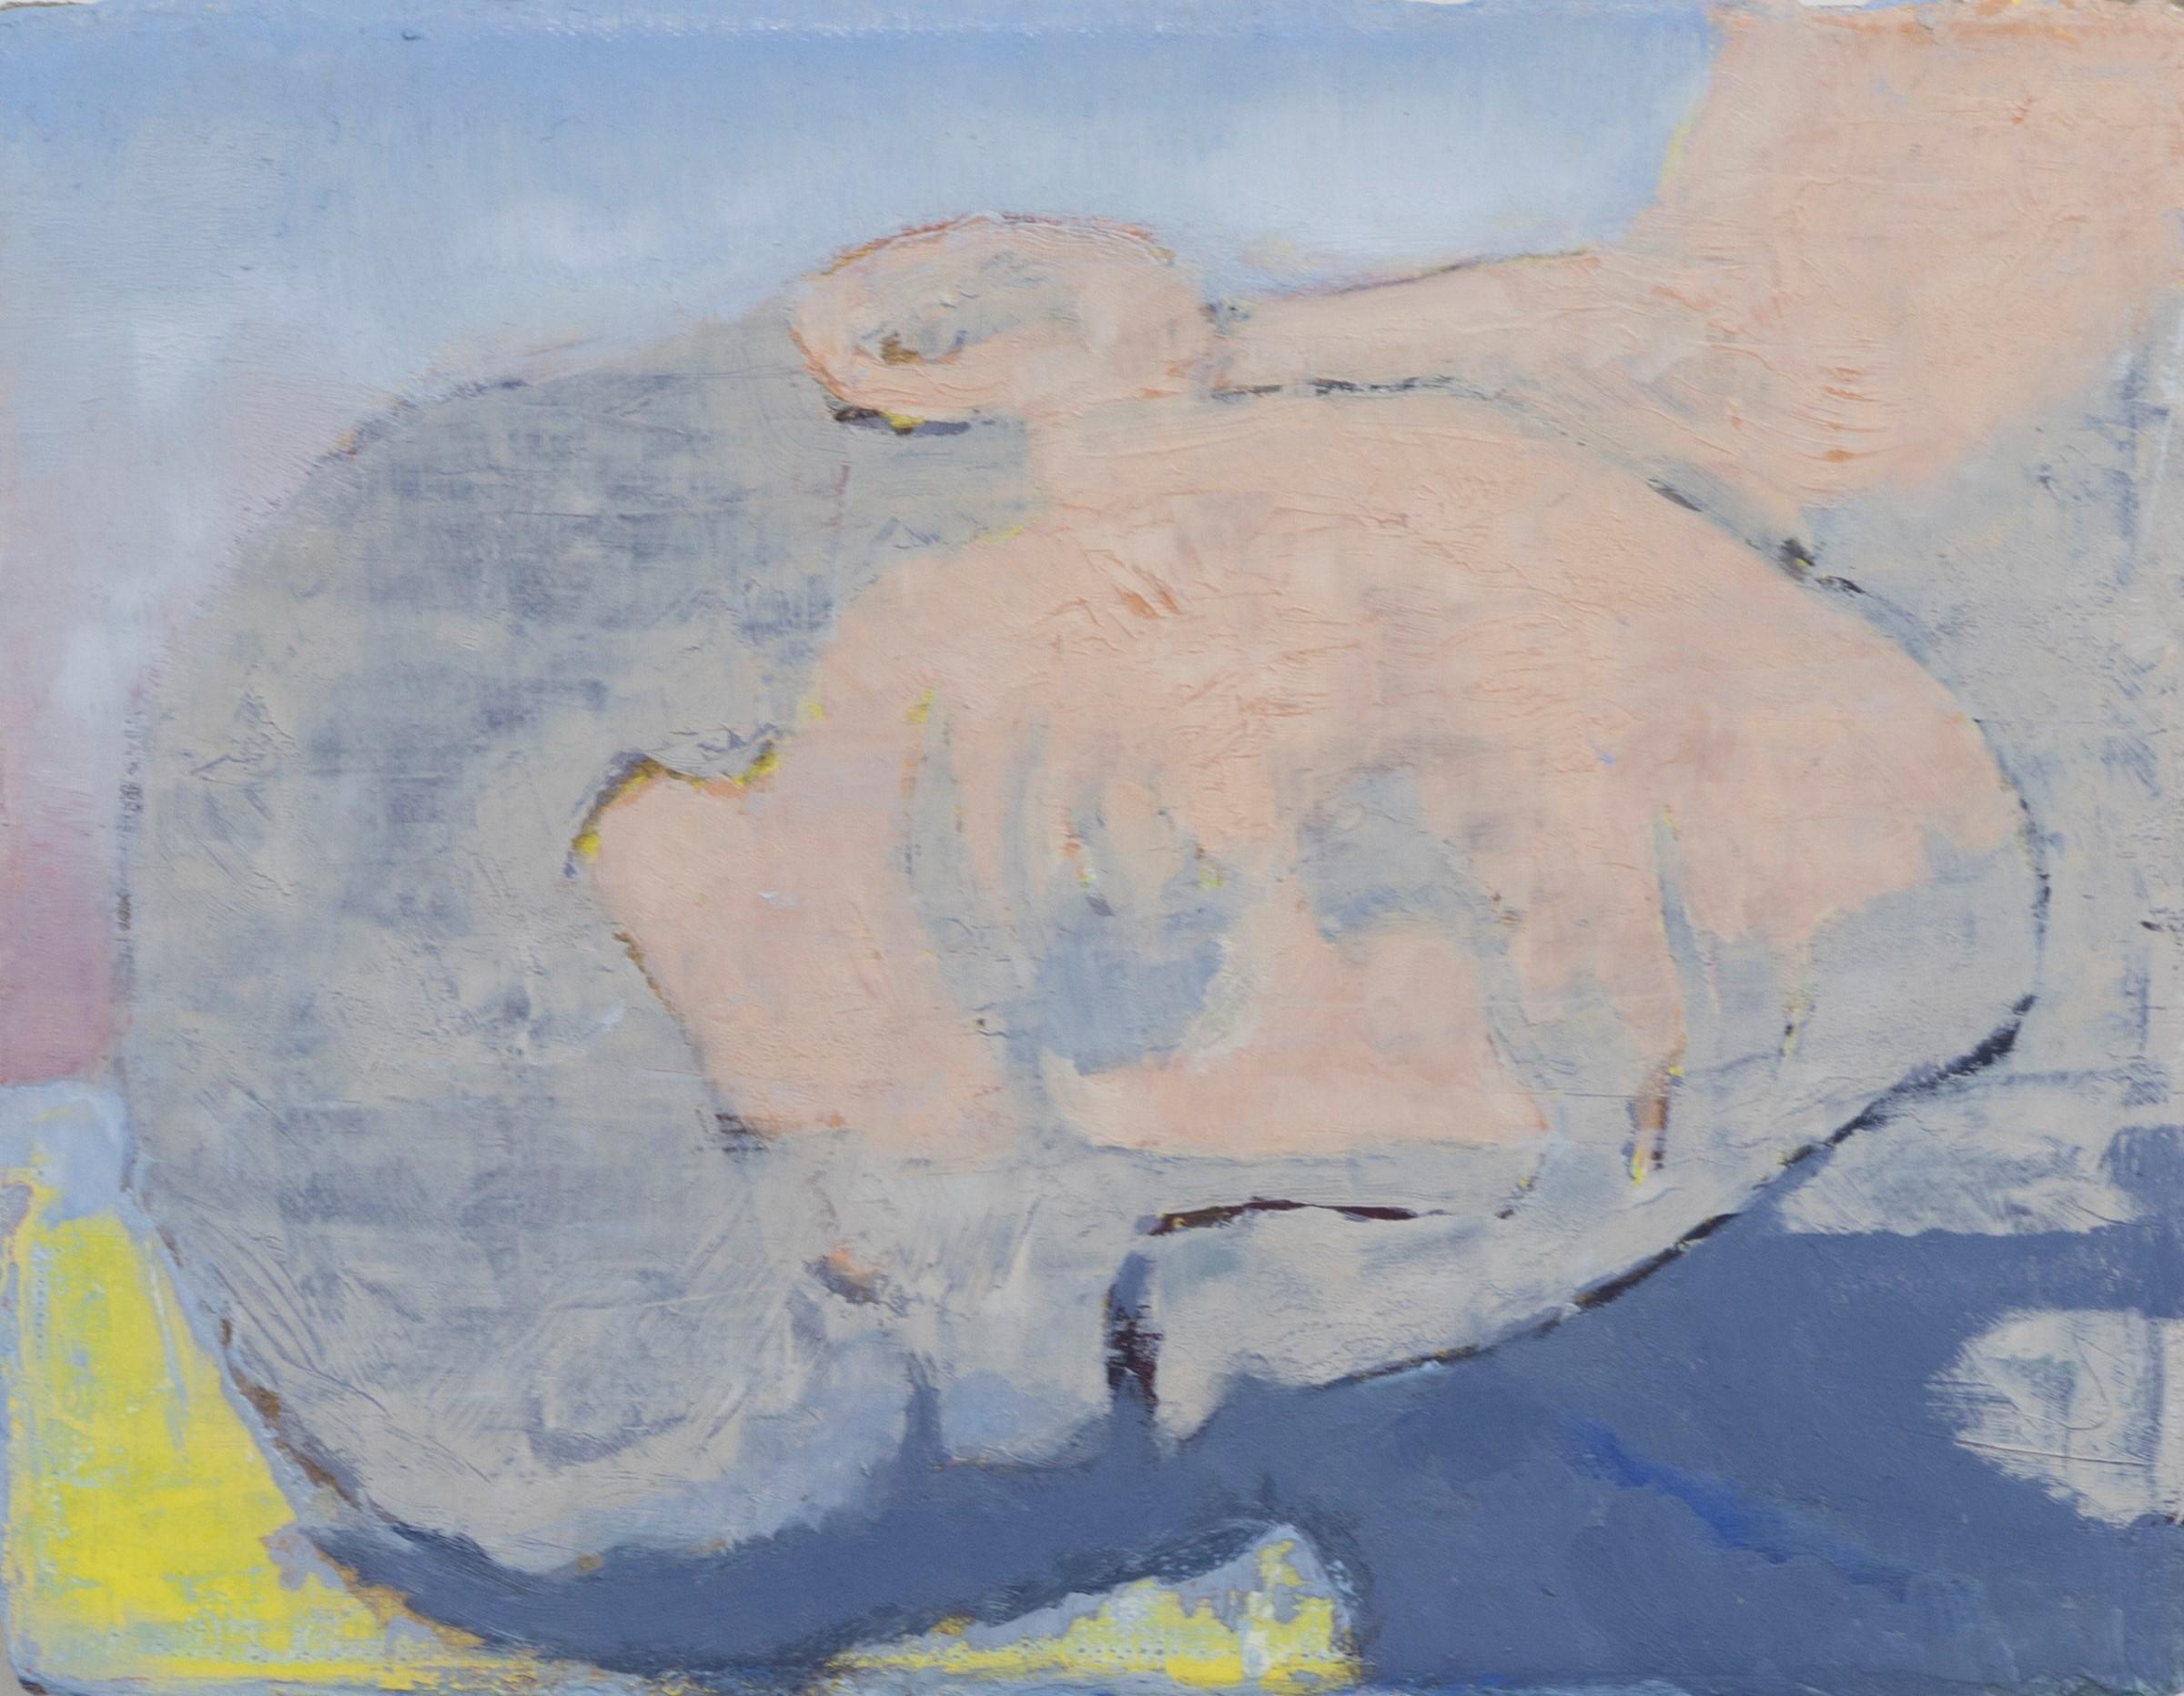 Simon Martin, Sommeil, Bercy, 2018, huile sur toile, 18 x 24 cm_v2